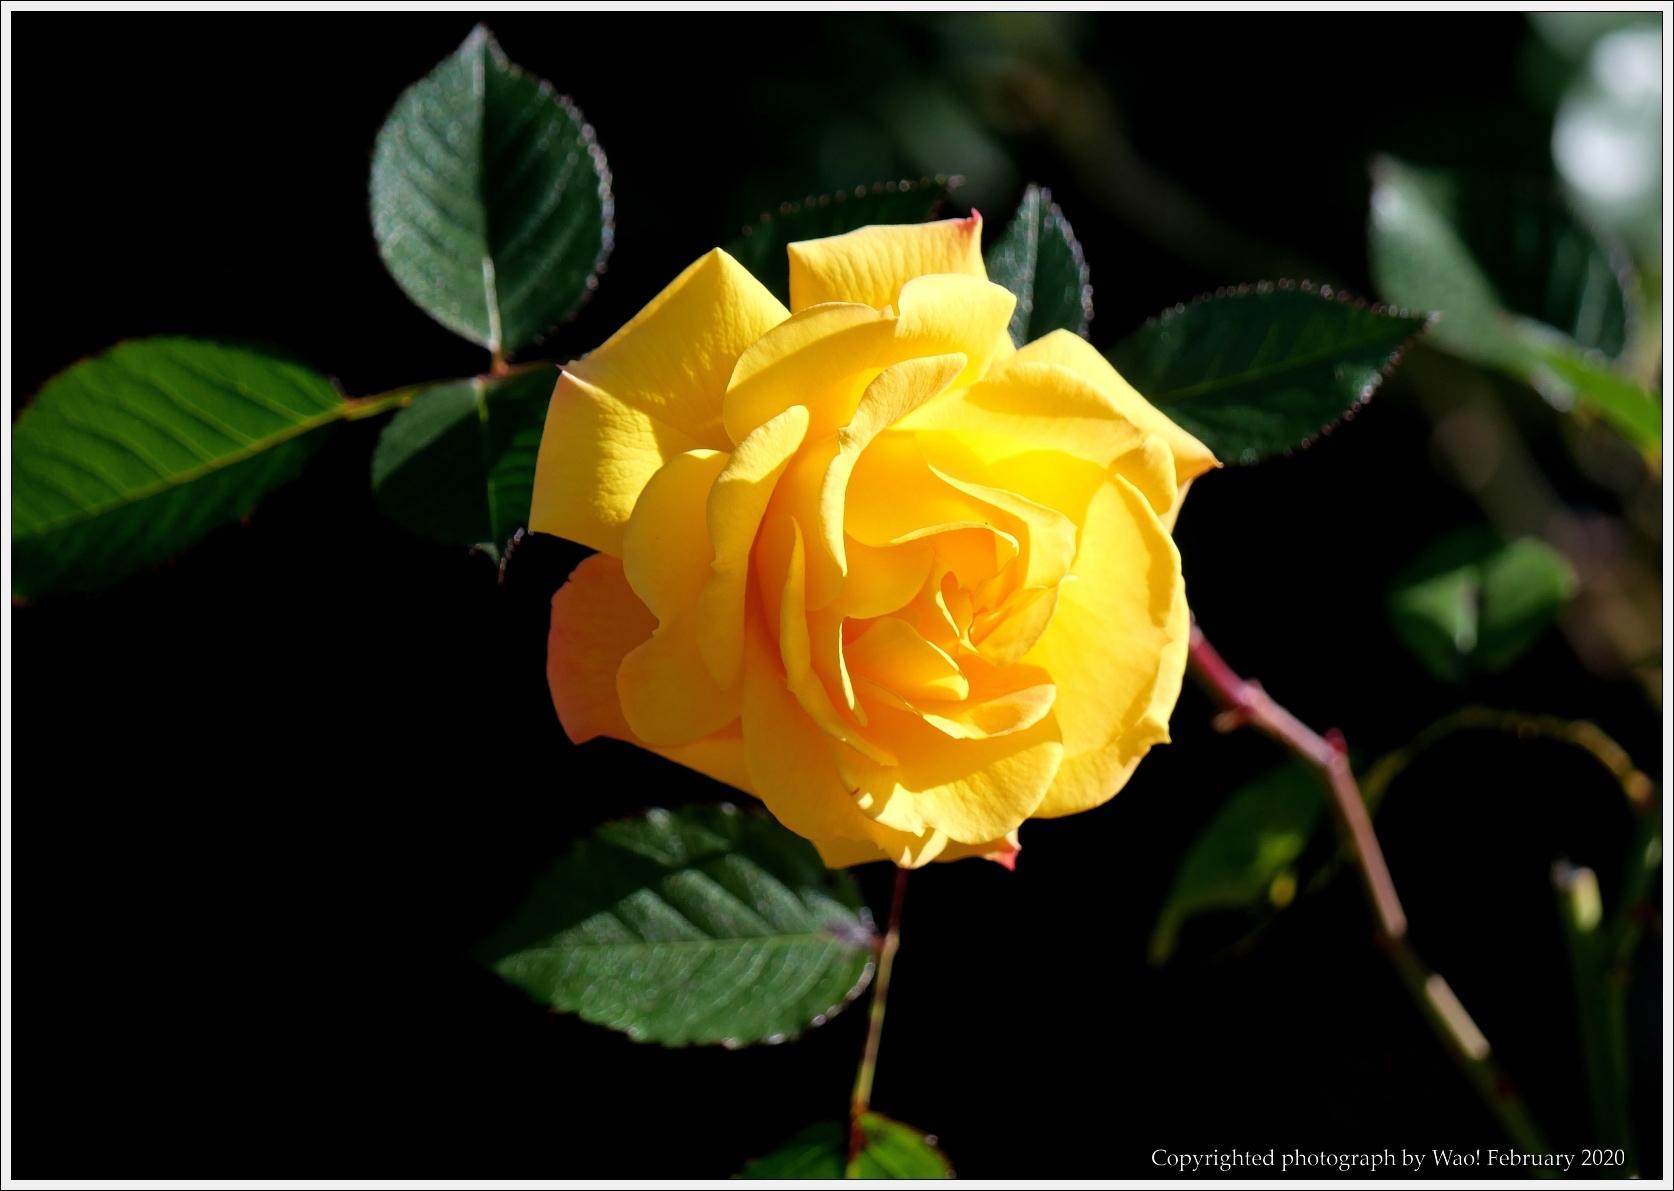 冬のバラと温室の花と蝶_c0198669_16081829.jpg